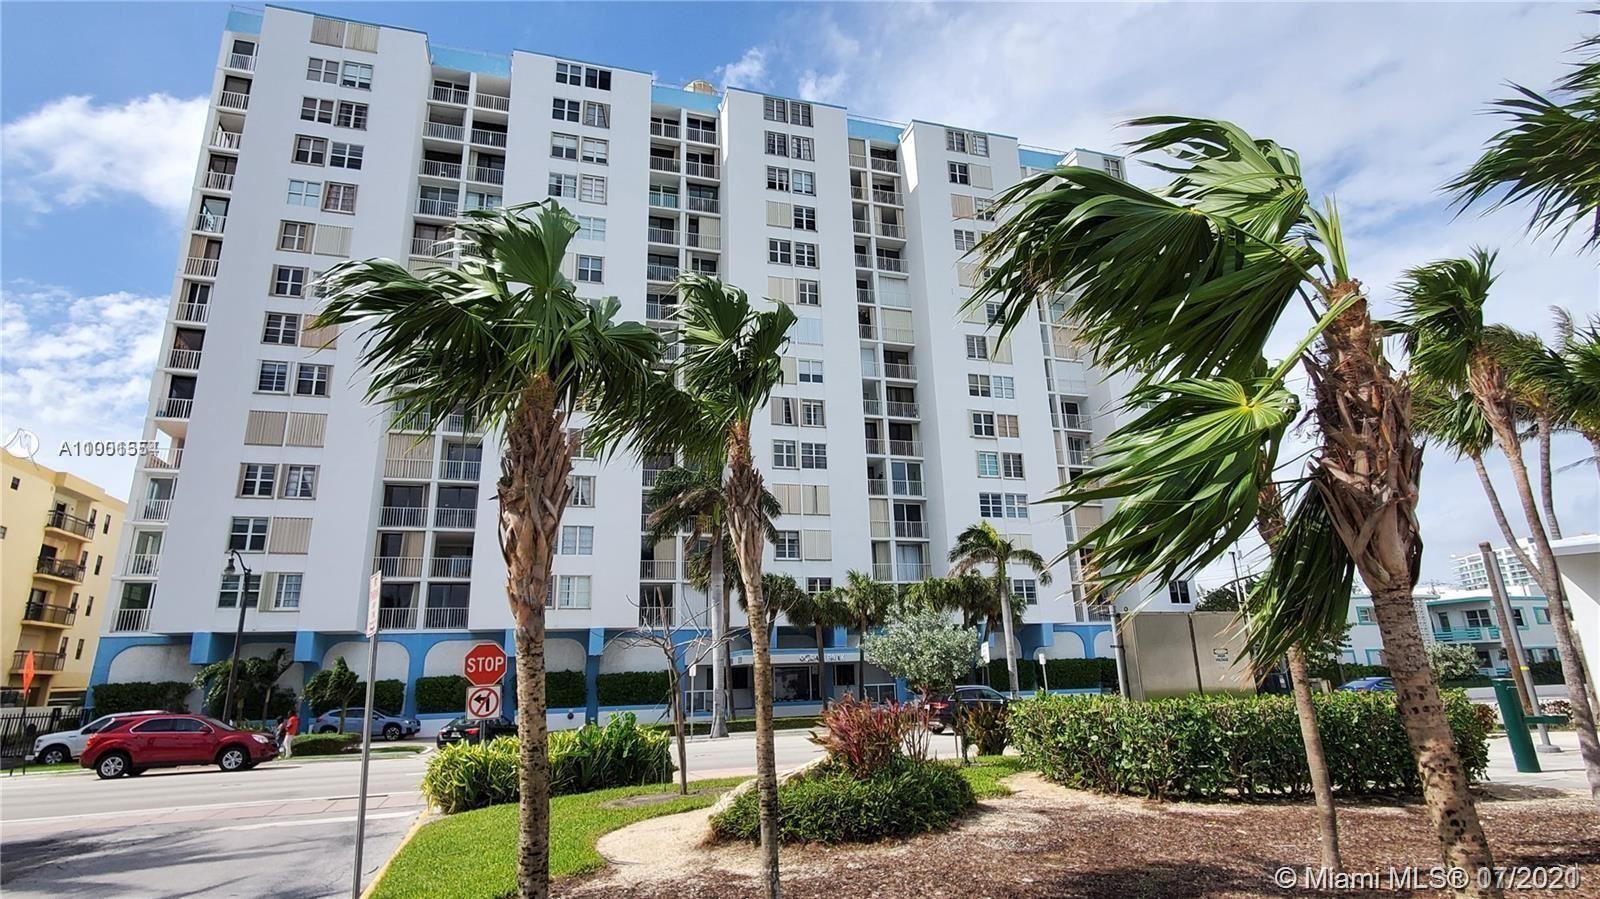 6450 Collins Ave #903, Miami Beach, FL 33141 - #: A11001554